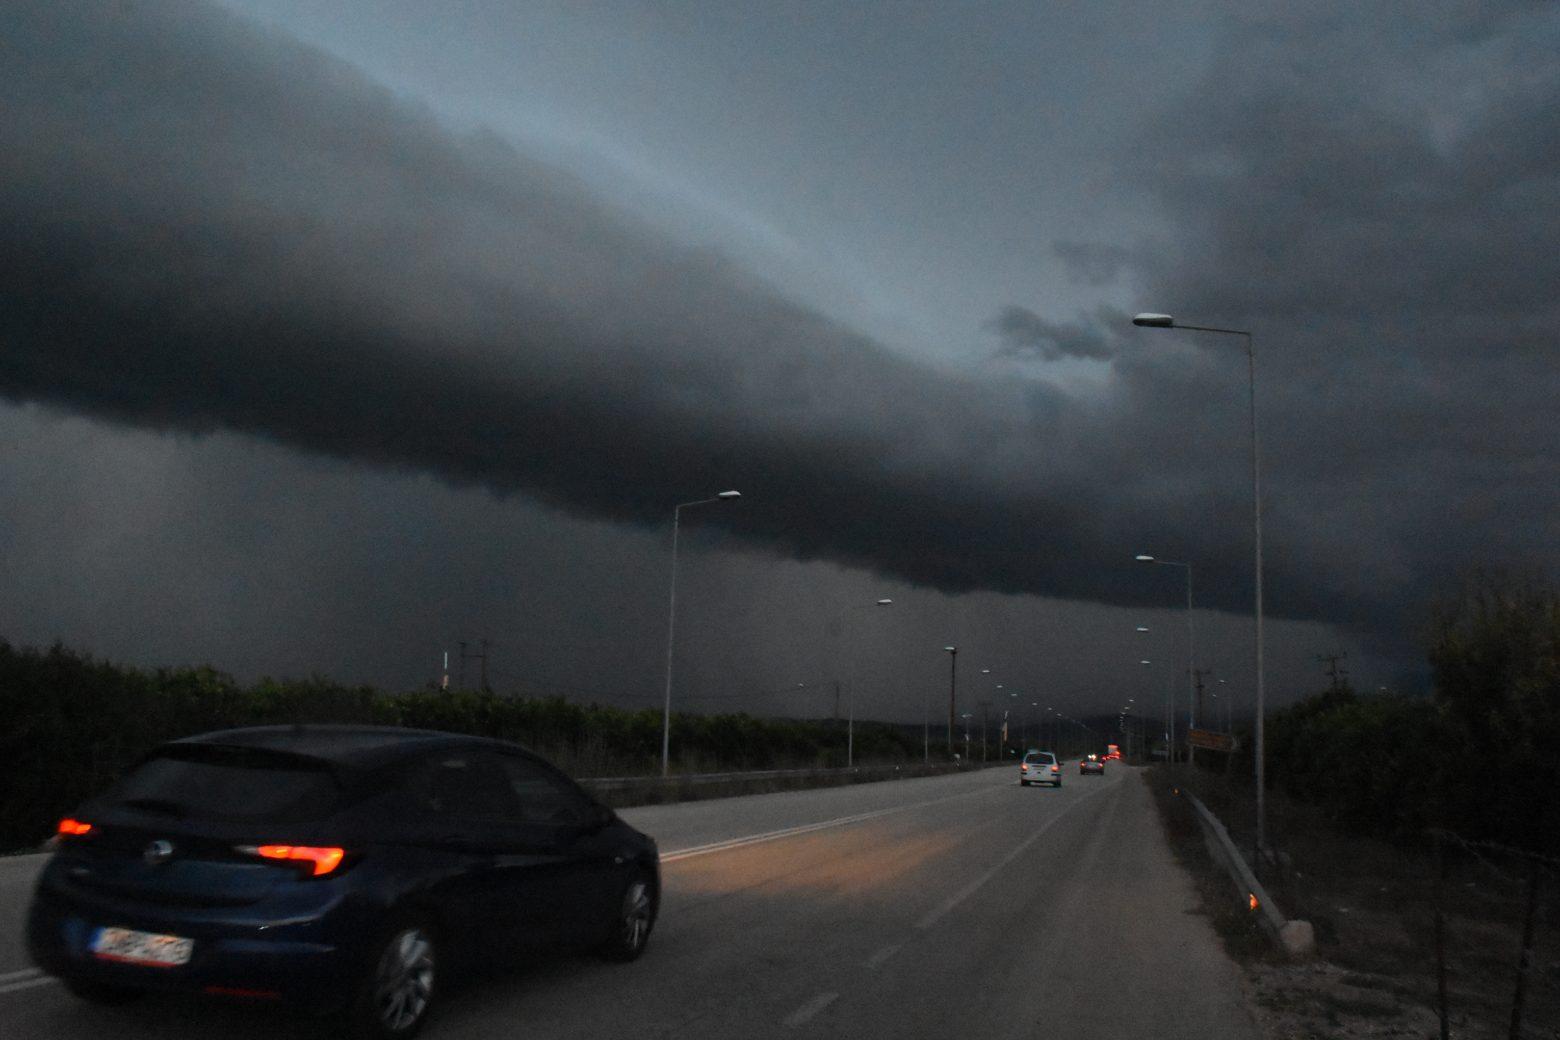 Ο καιρός στην Κρήτη: Ηλιοφάνεια και συννεφιά κατά διαστήματα, αύριο Σάββατο